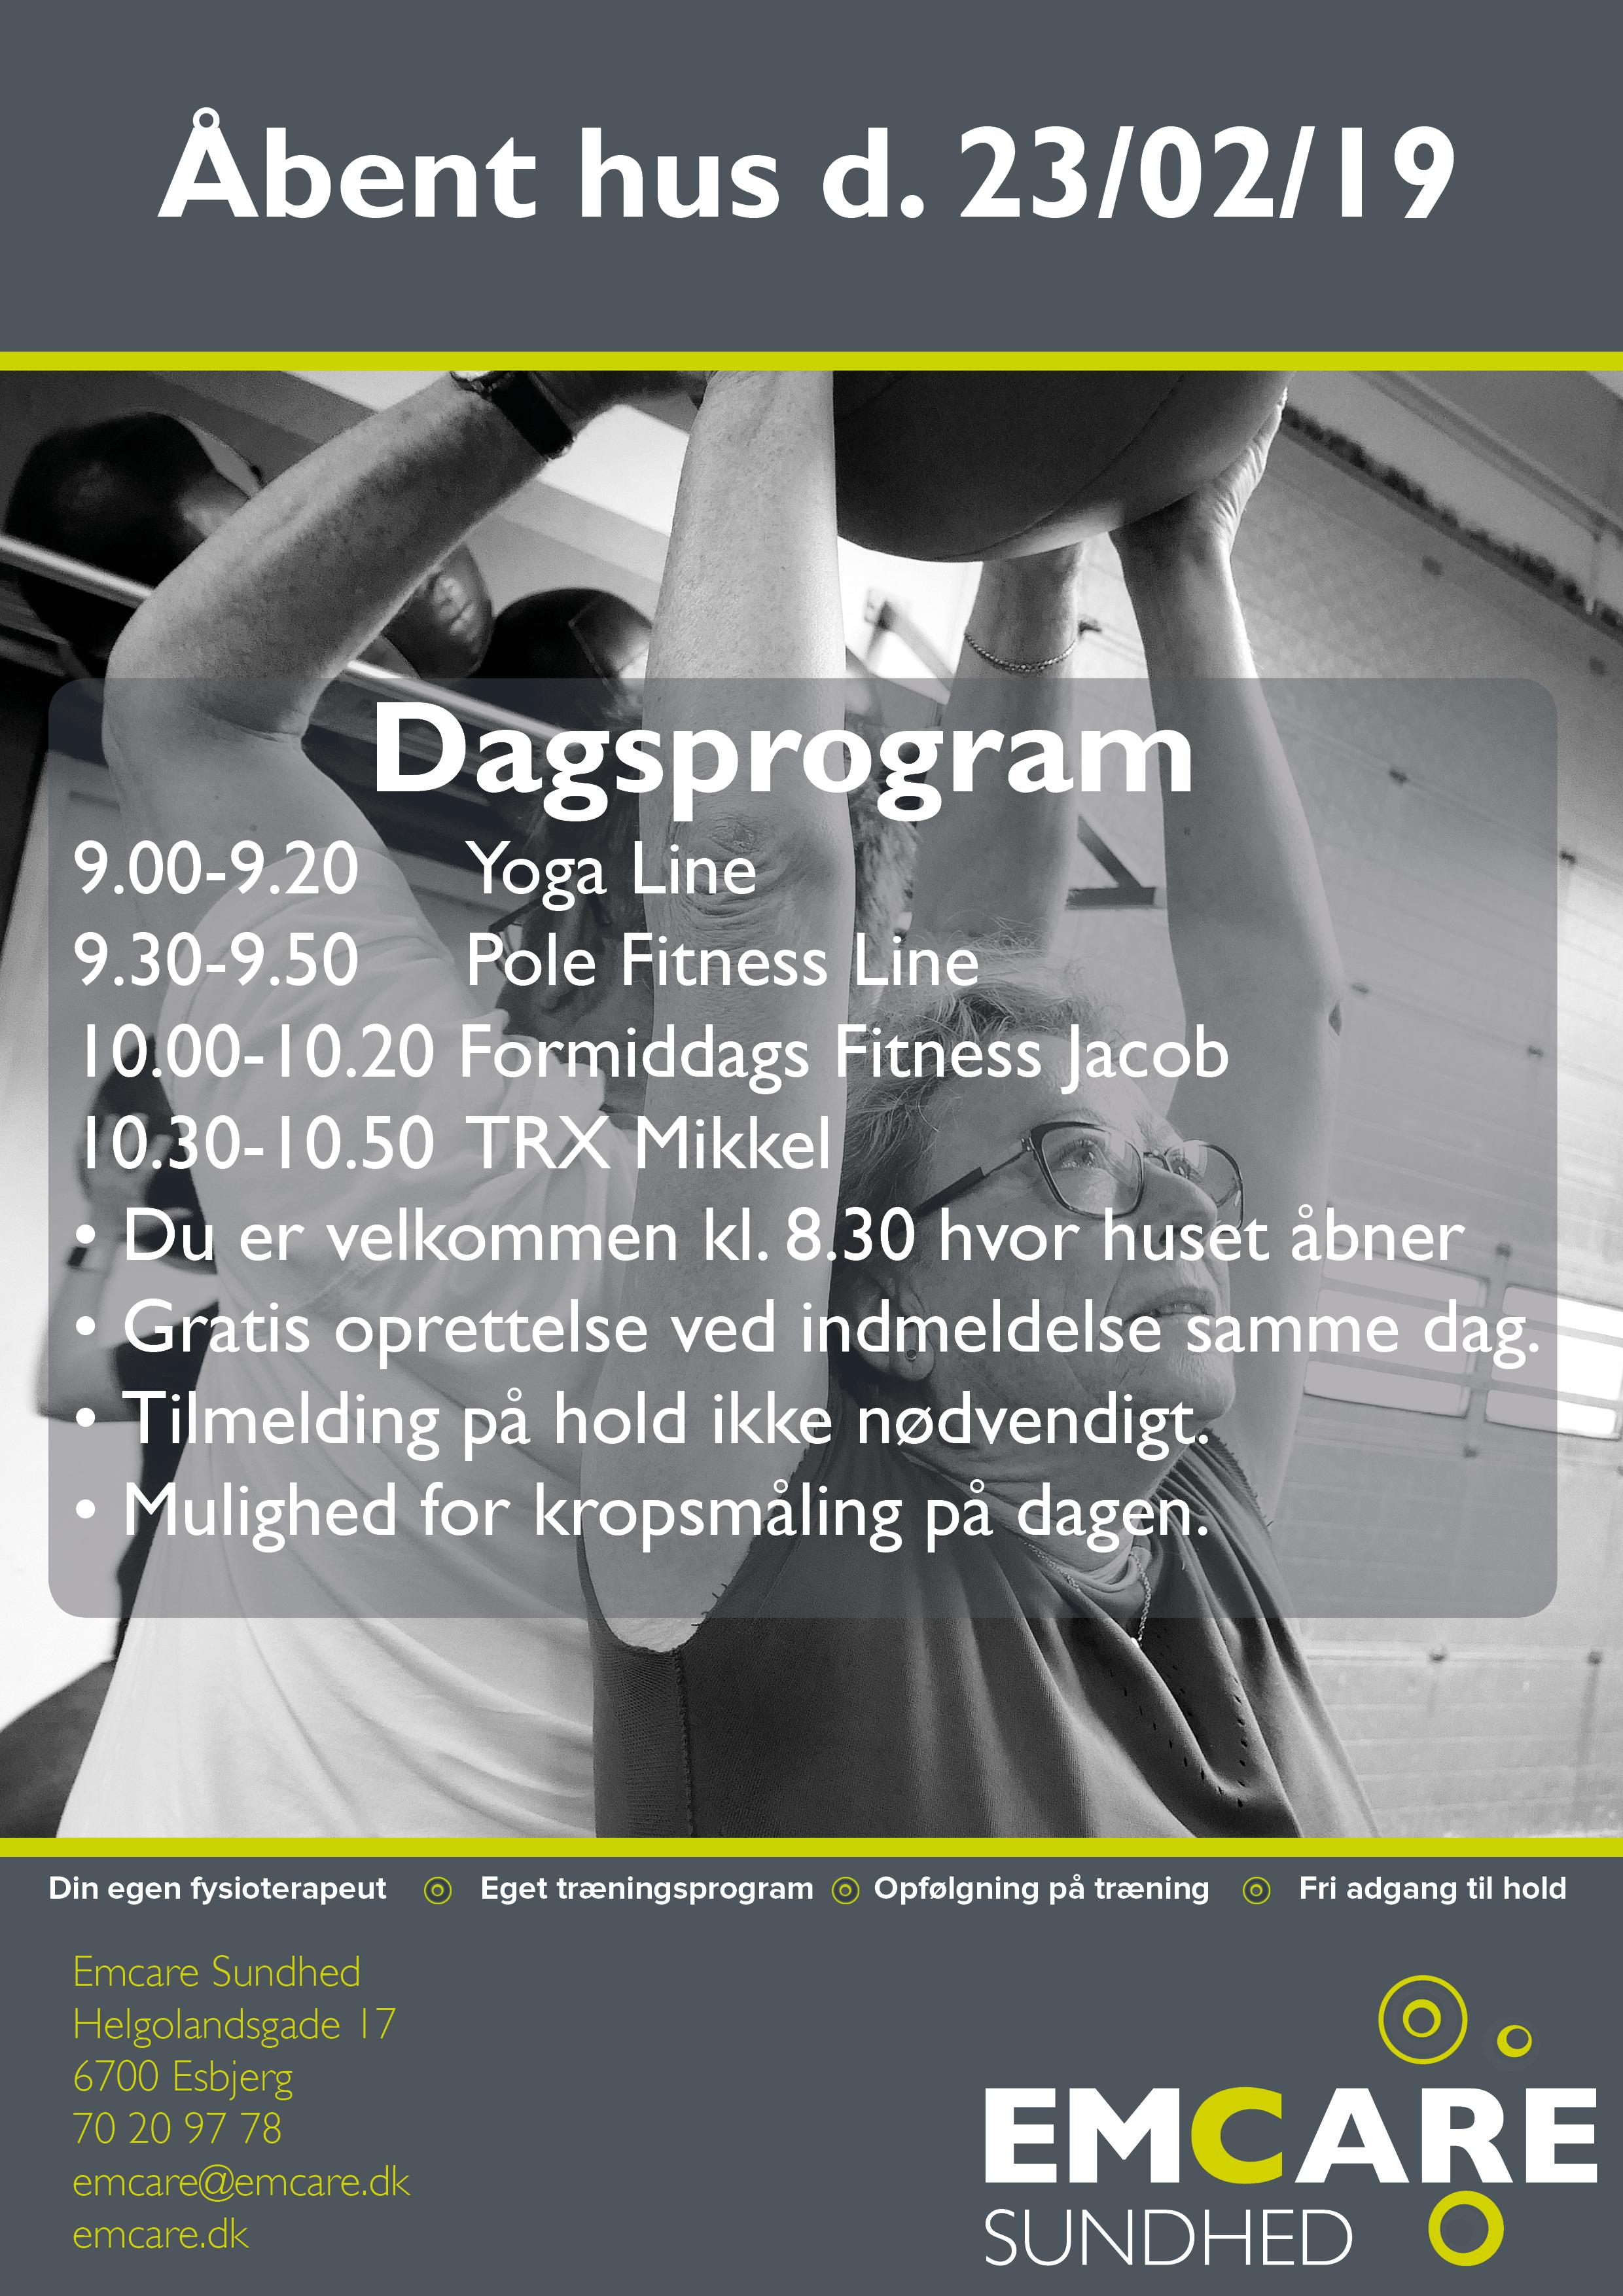 Dagsplan Åbent hus 2019 EmCare Sundhed